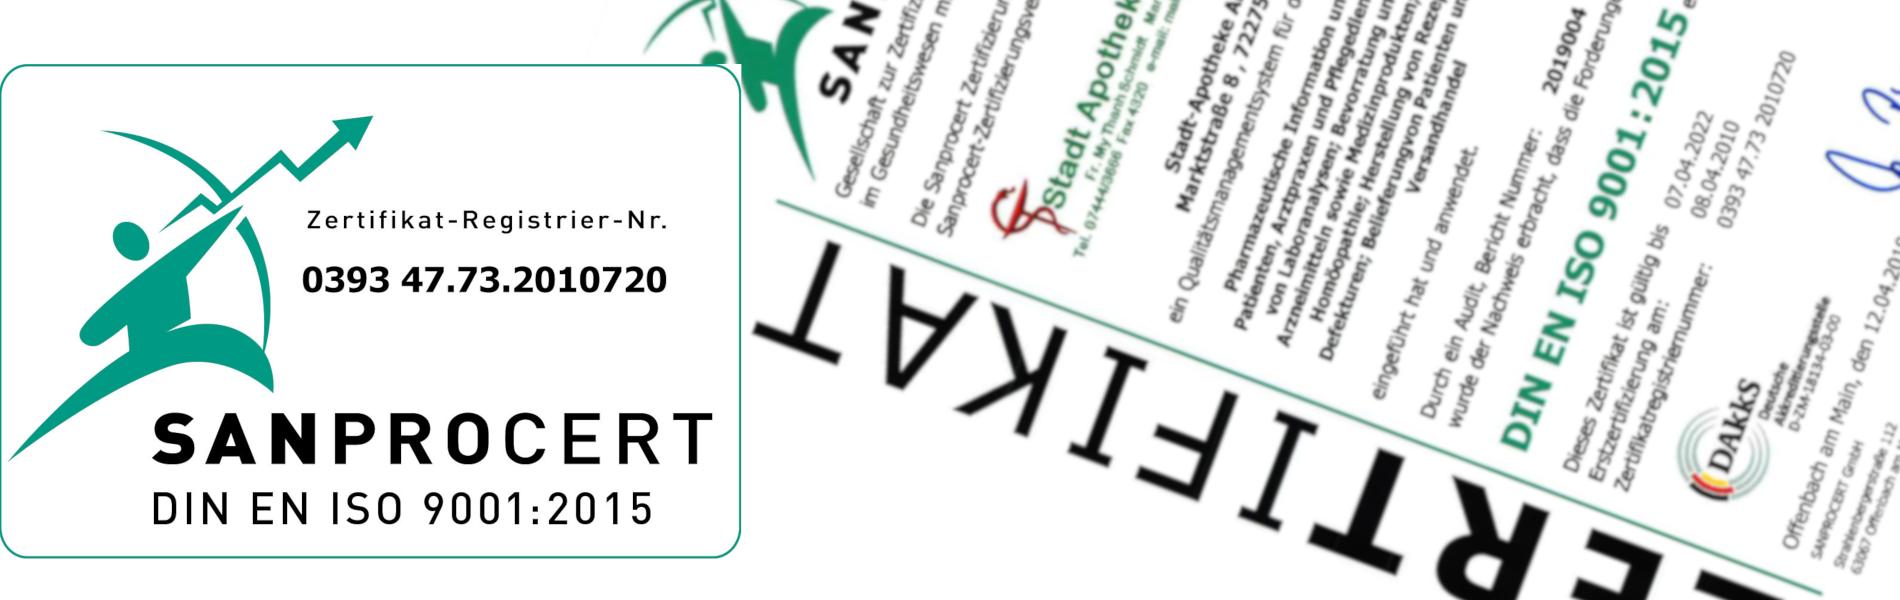 Zertifiziert nach ISO EN 9001:2015